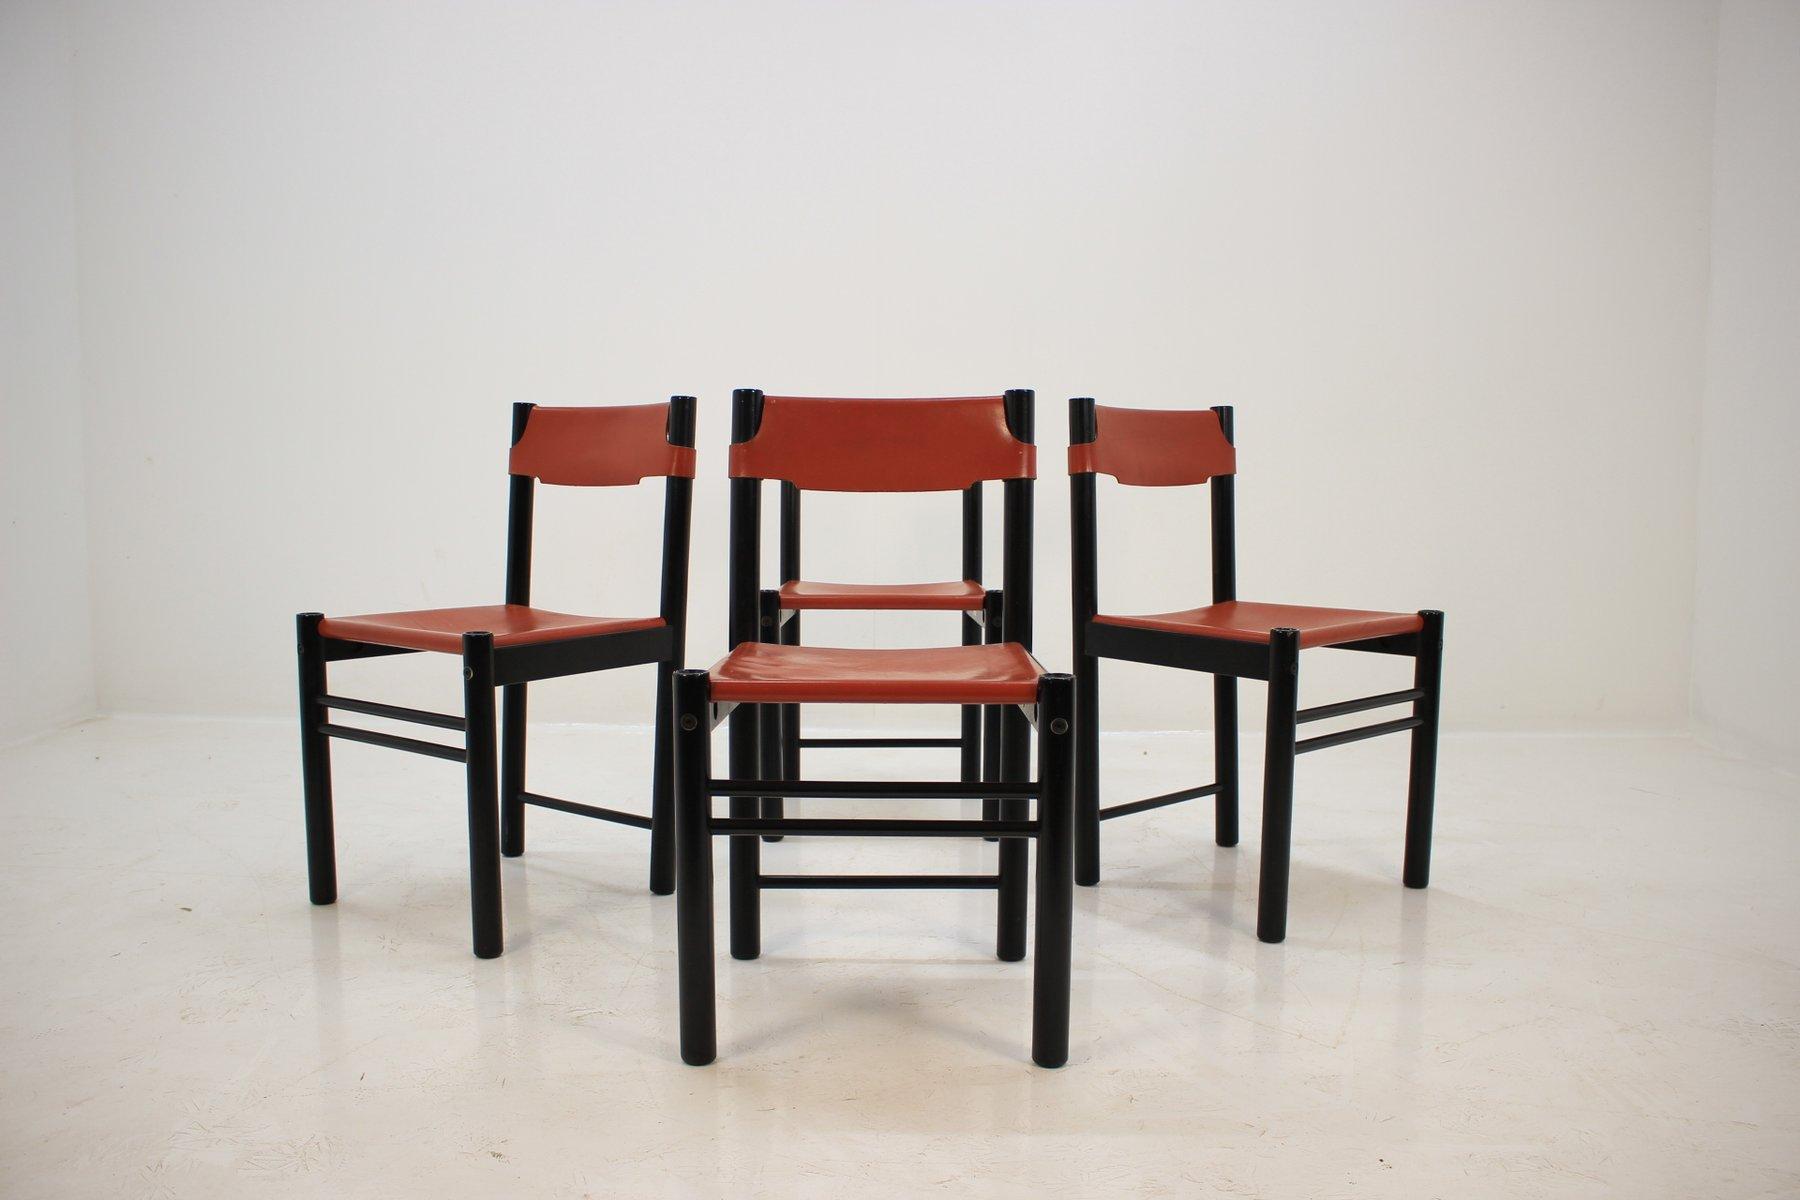 italienische esszimmerst hle mit bezug aus leder von. Black Bedroom Furniture Sets. Home Design Ideas